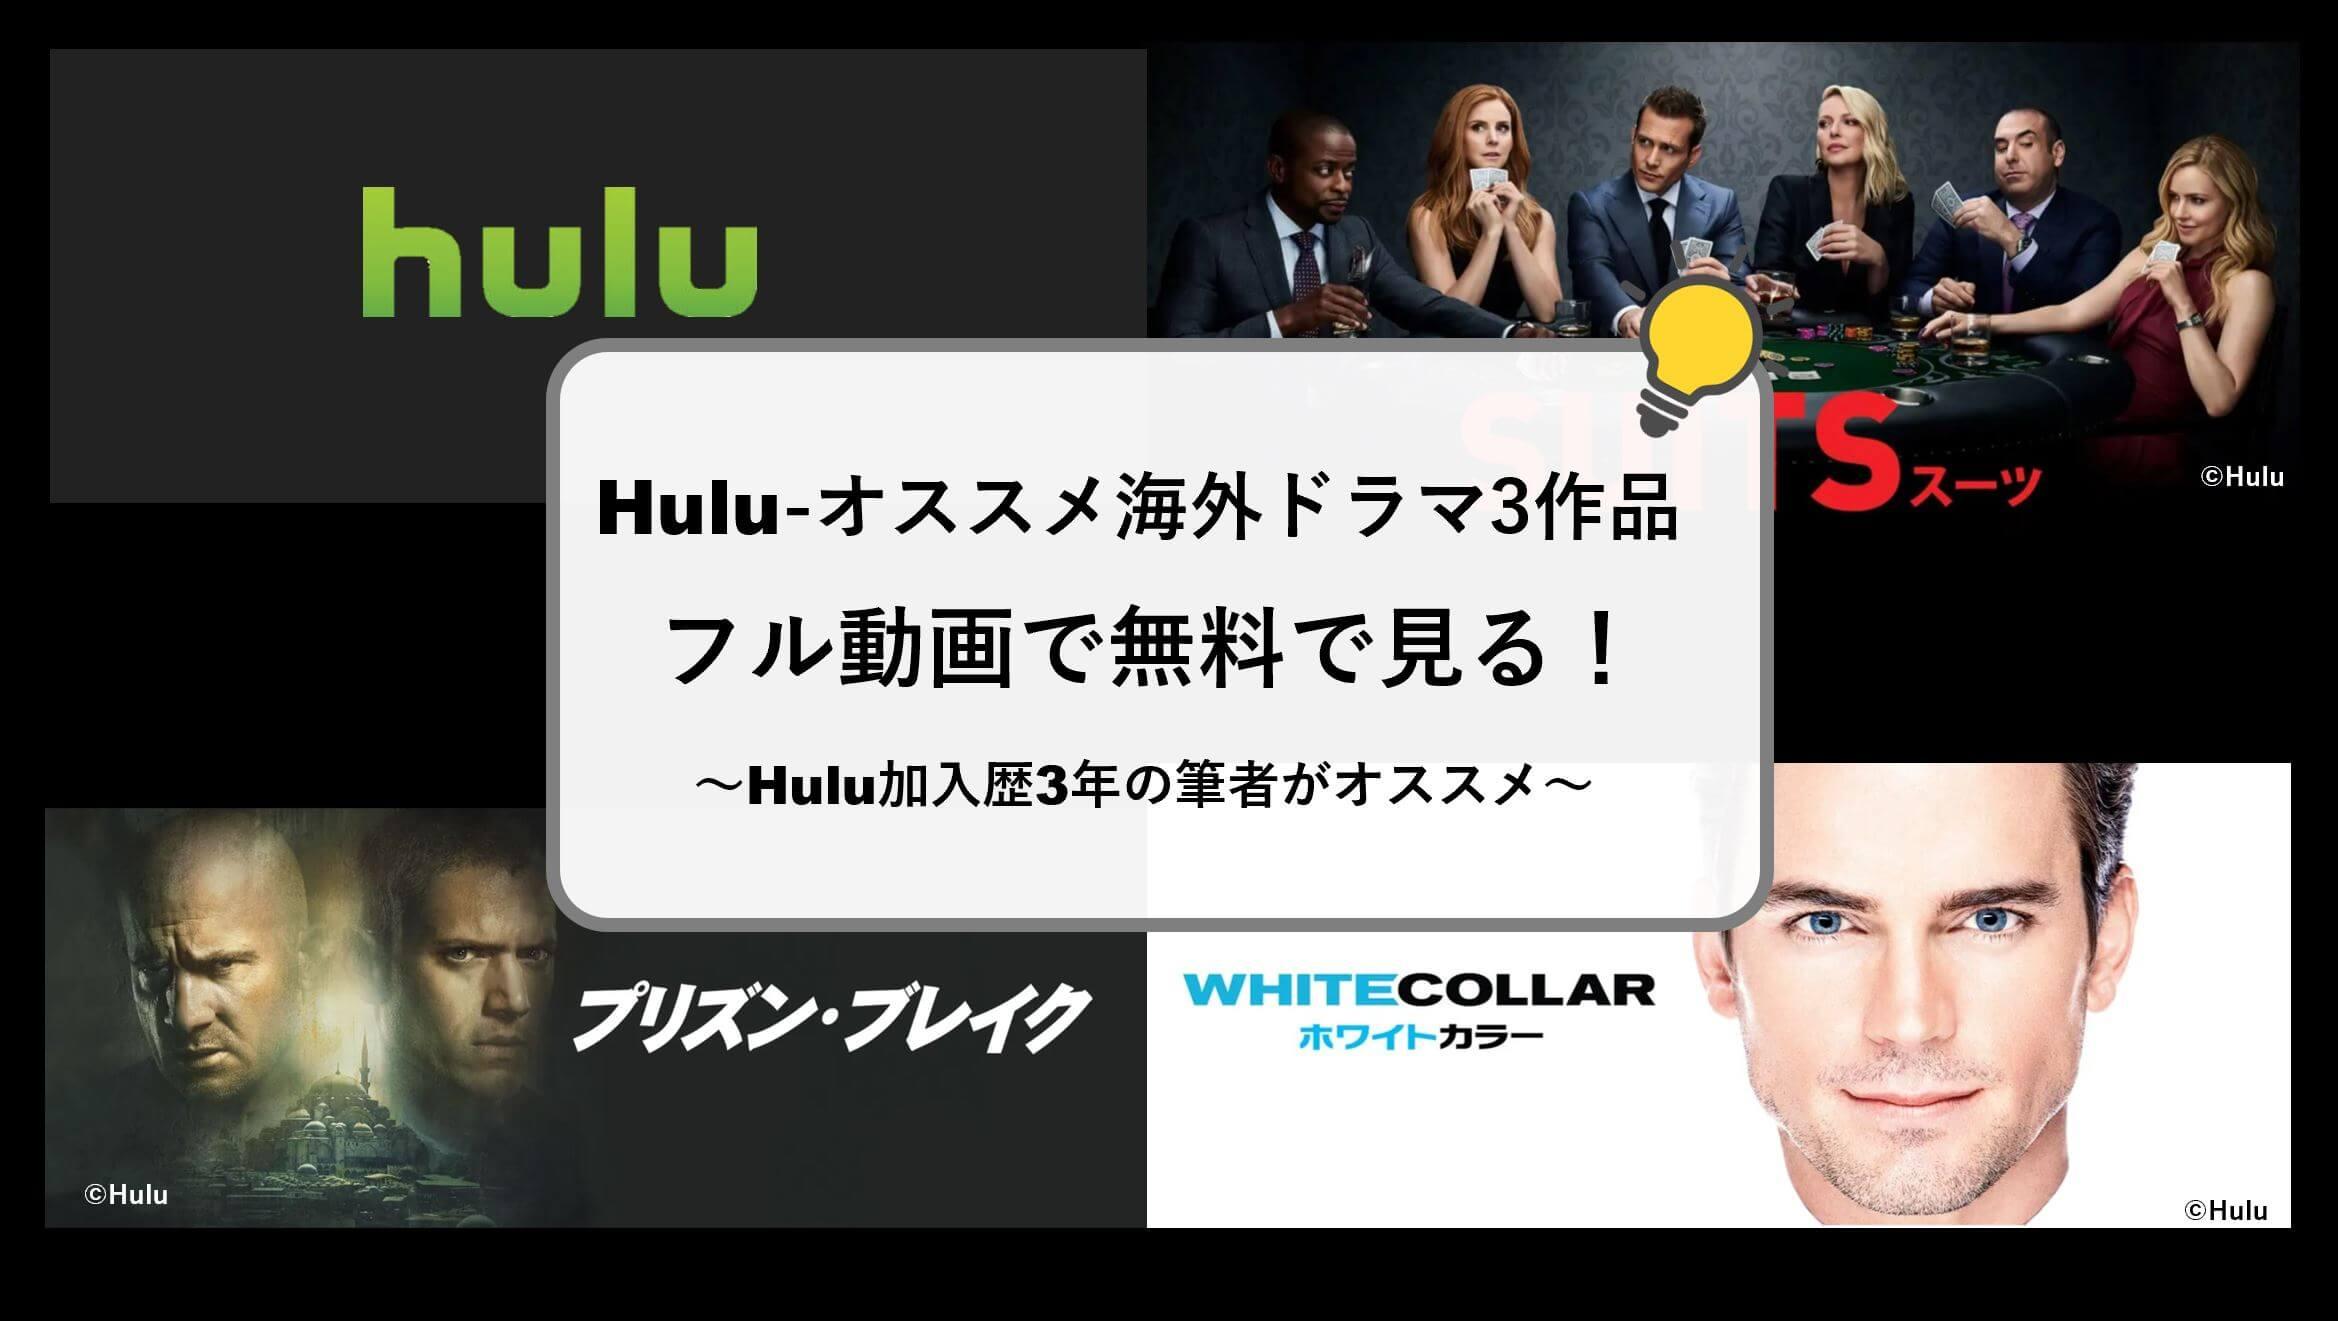 Huluドラマおすすめ3作品を無料でフルに見る